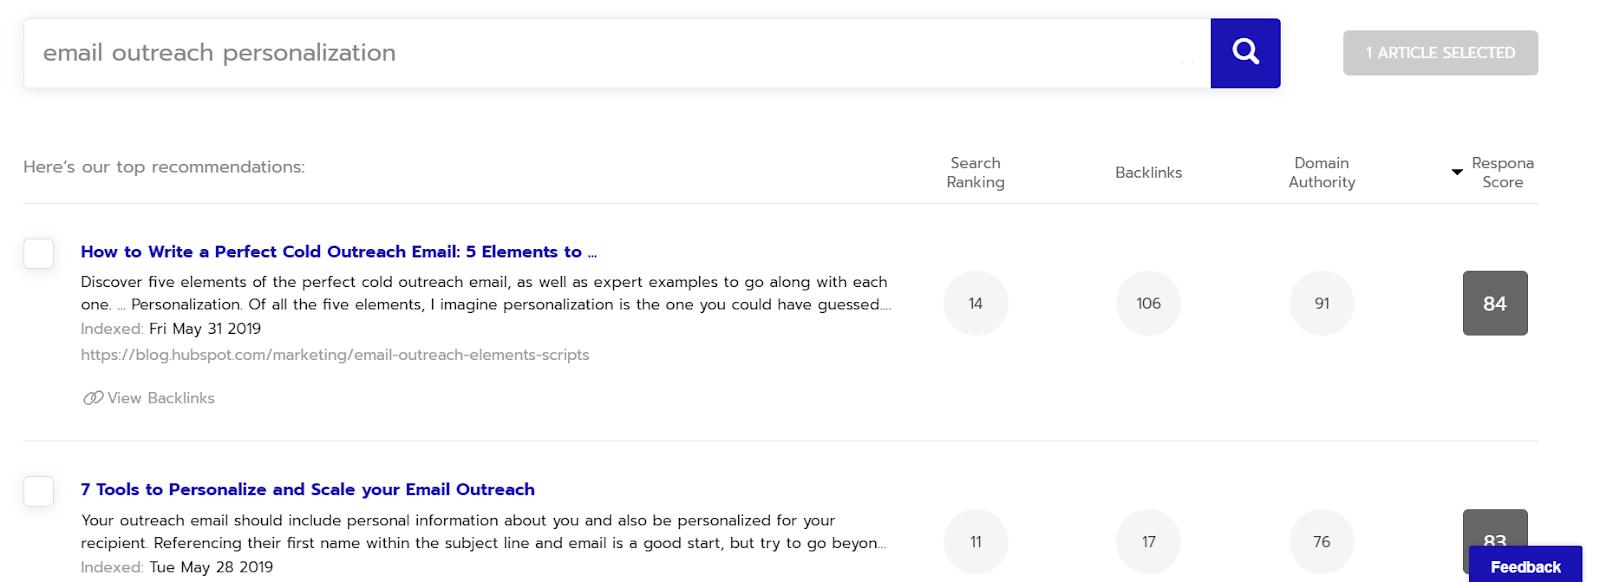 personalization search respona